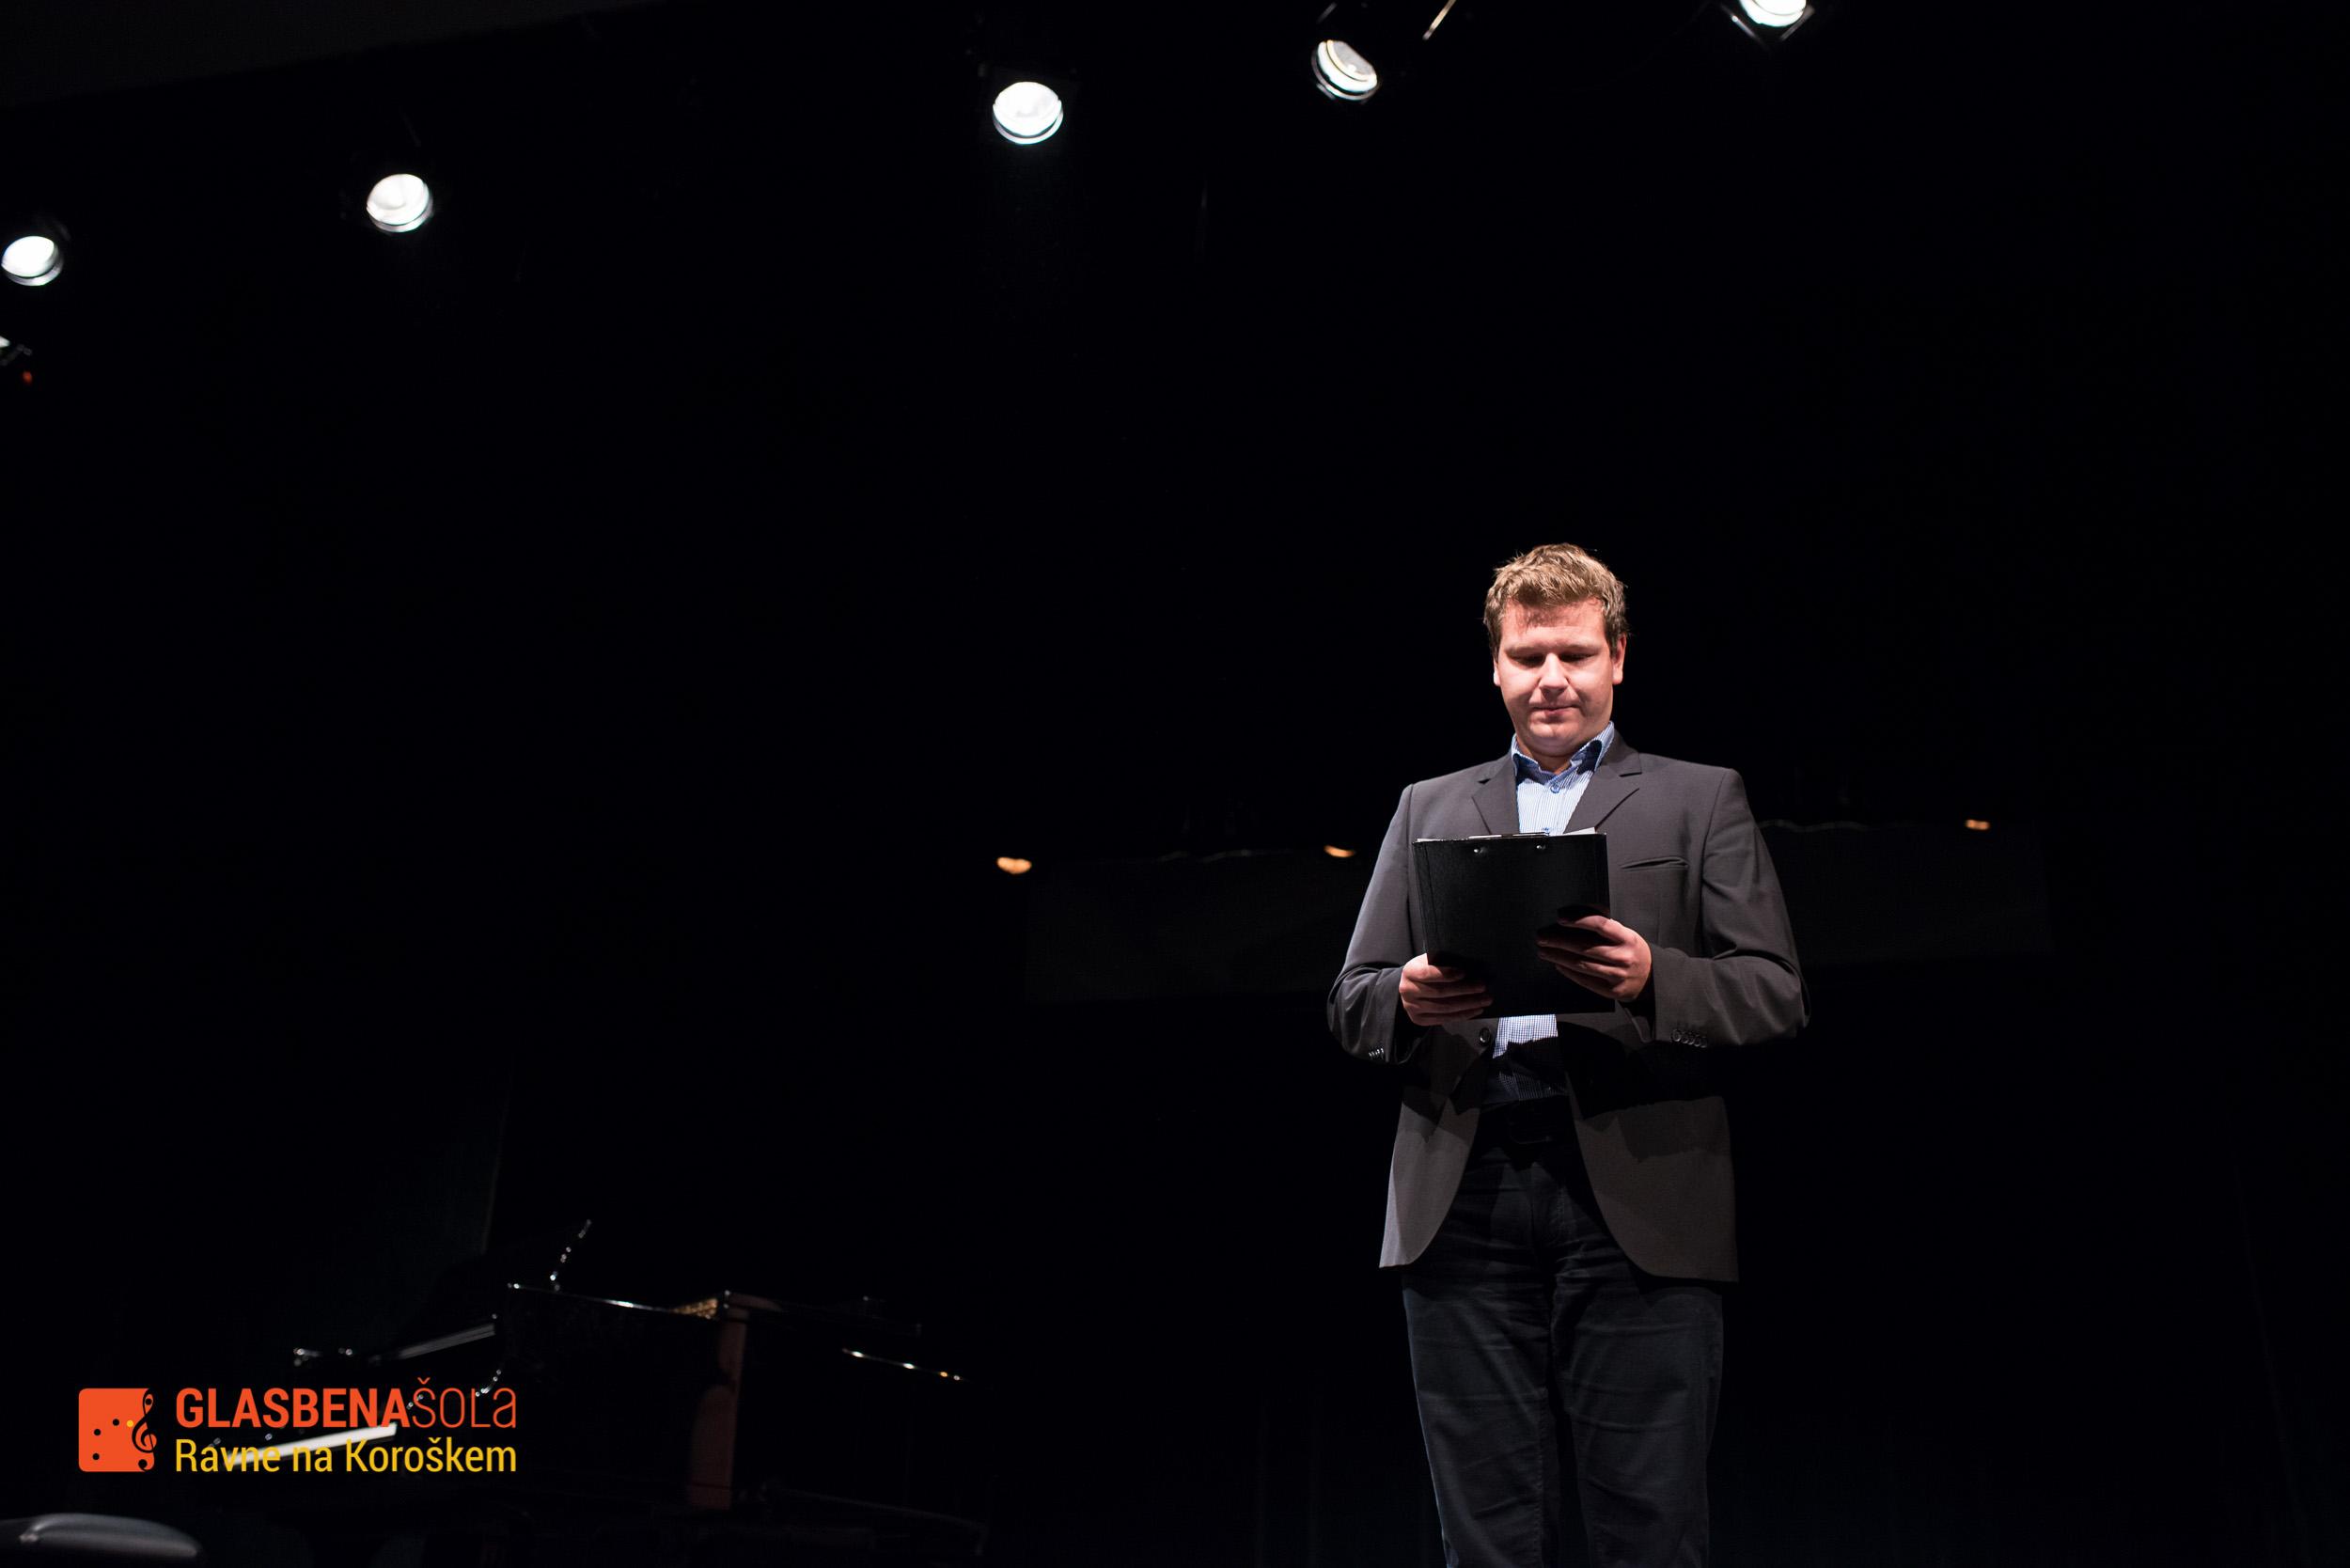 koncert-08-11-2014-2